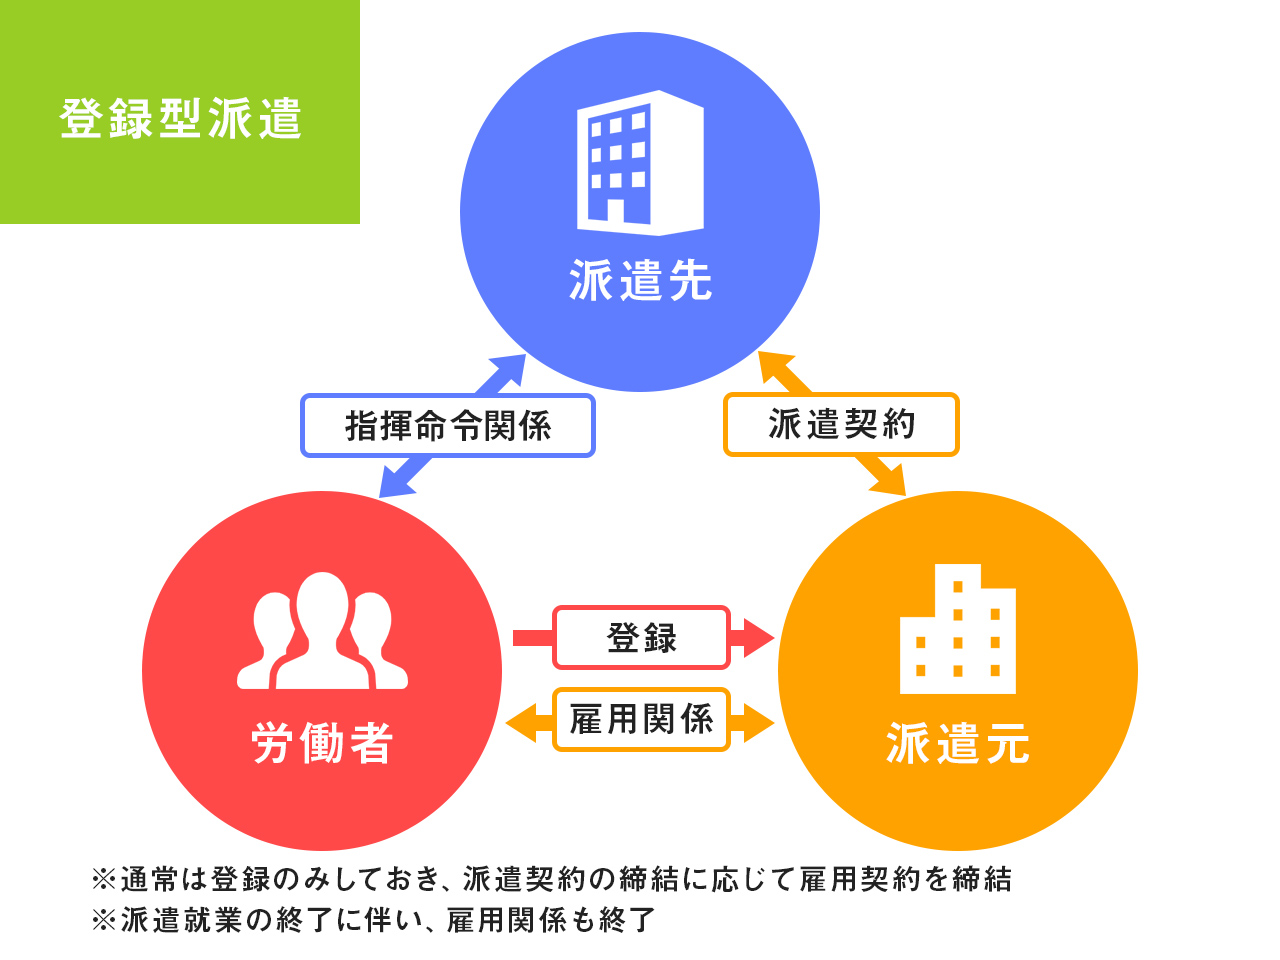 図:労働者派遣の仕組み